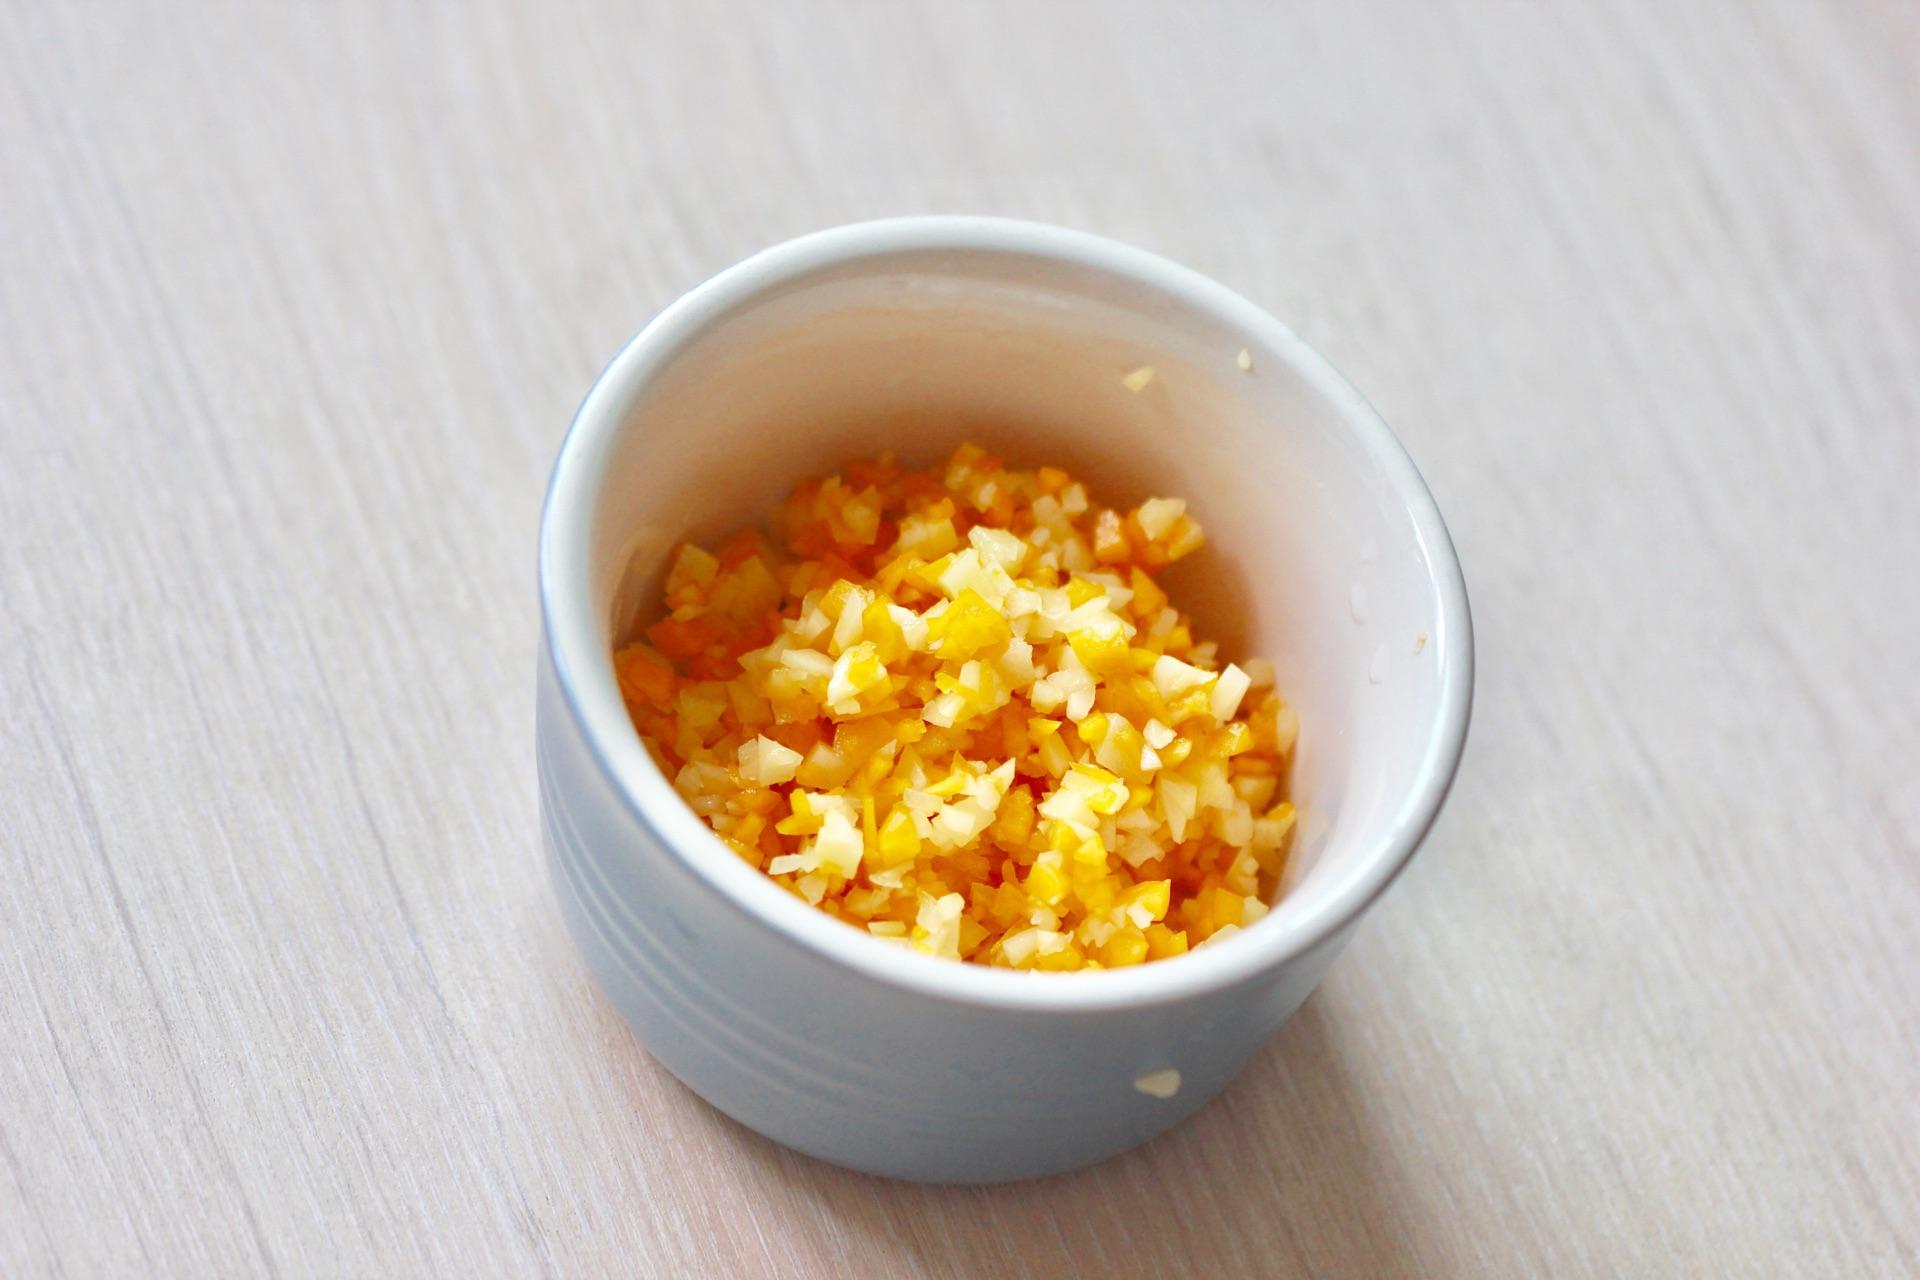 宝宝辅食:土豆南瓜小煎饼的做法